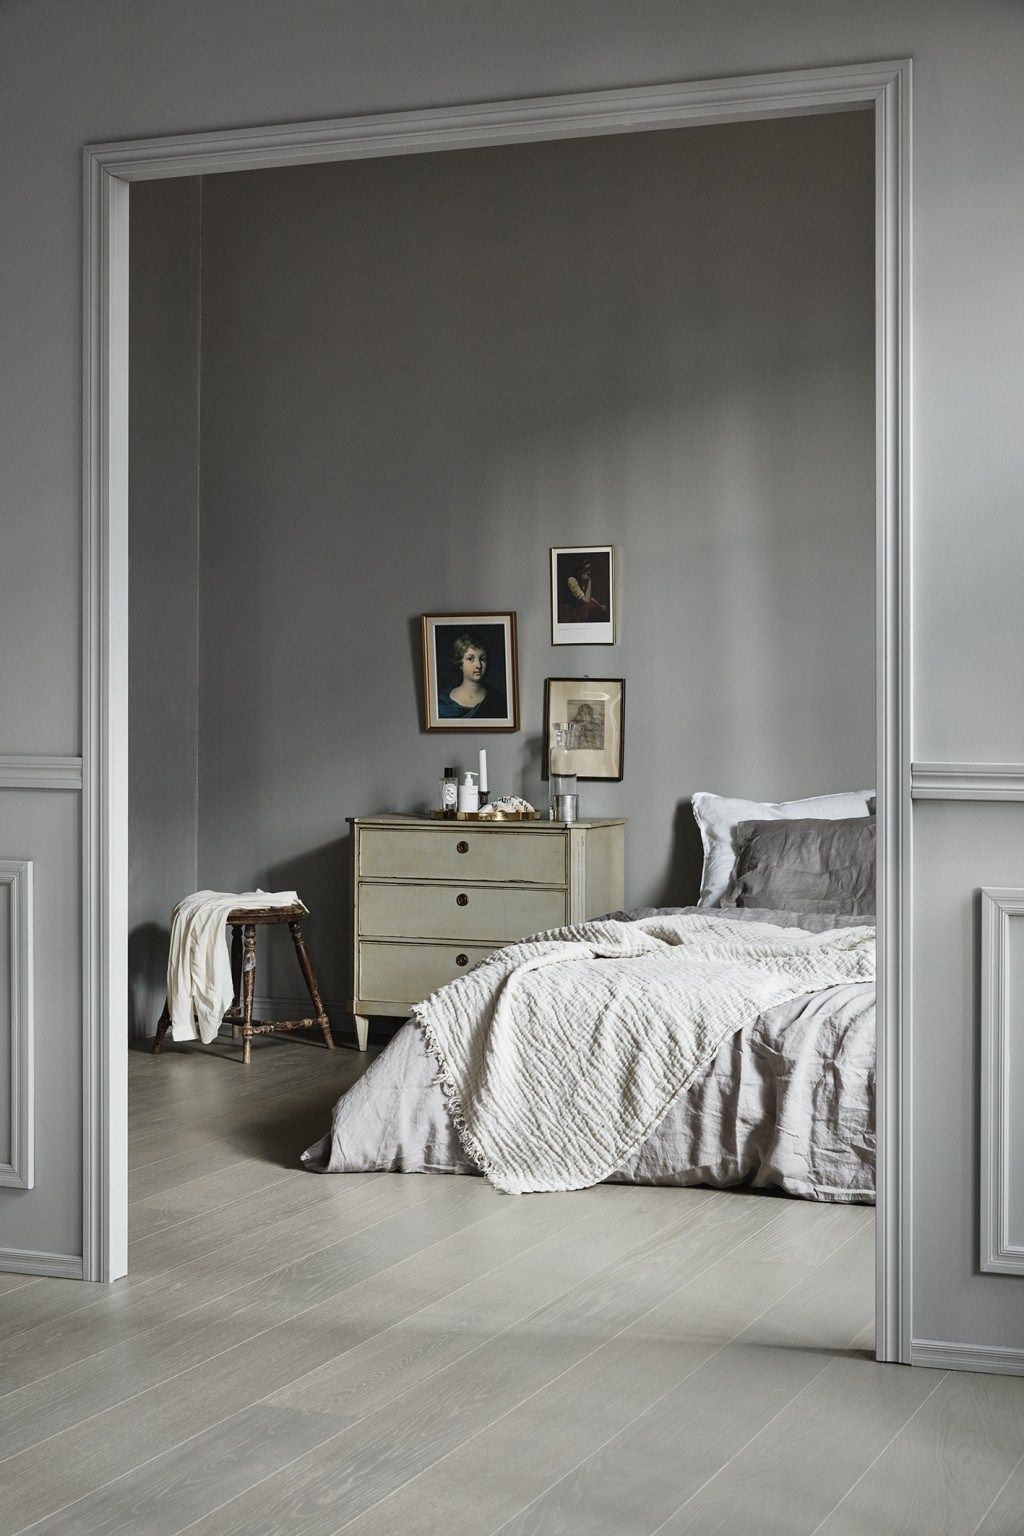 Grau Muss Nicht Düster Sein. Im Gegenteil: Es Bringt Stil, Eleganz Und  Tiefe In Eine Wohnung. Hier 10 Einrichtungsideen Als Beweis.